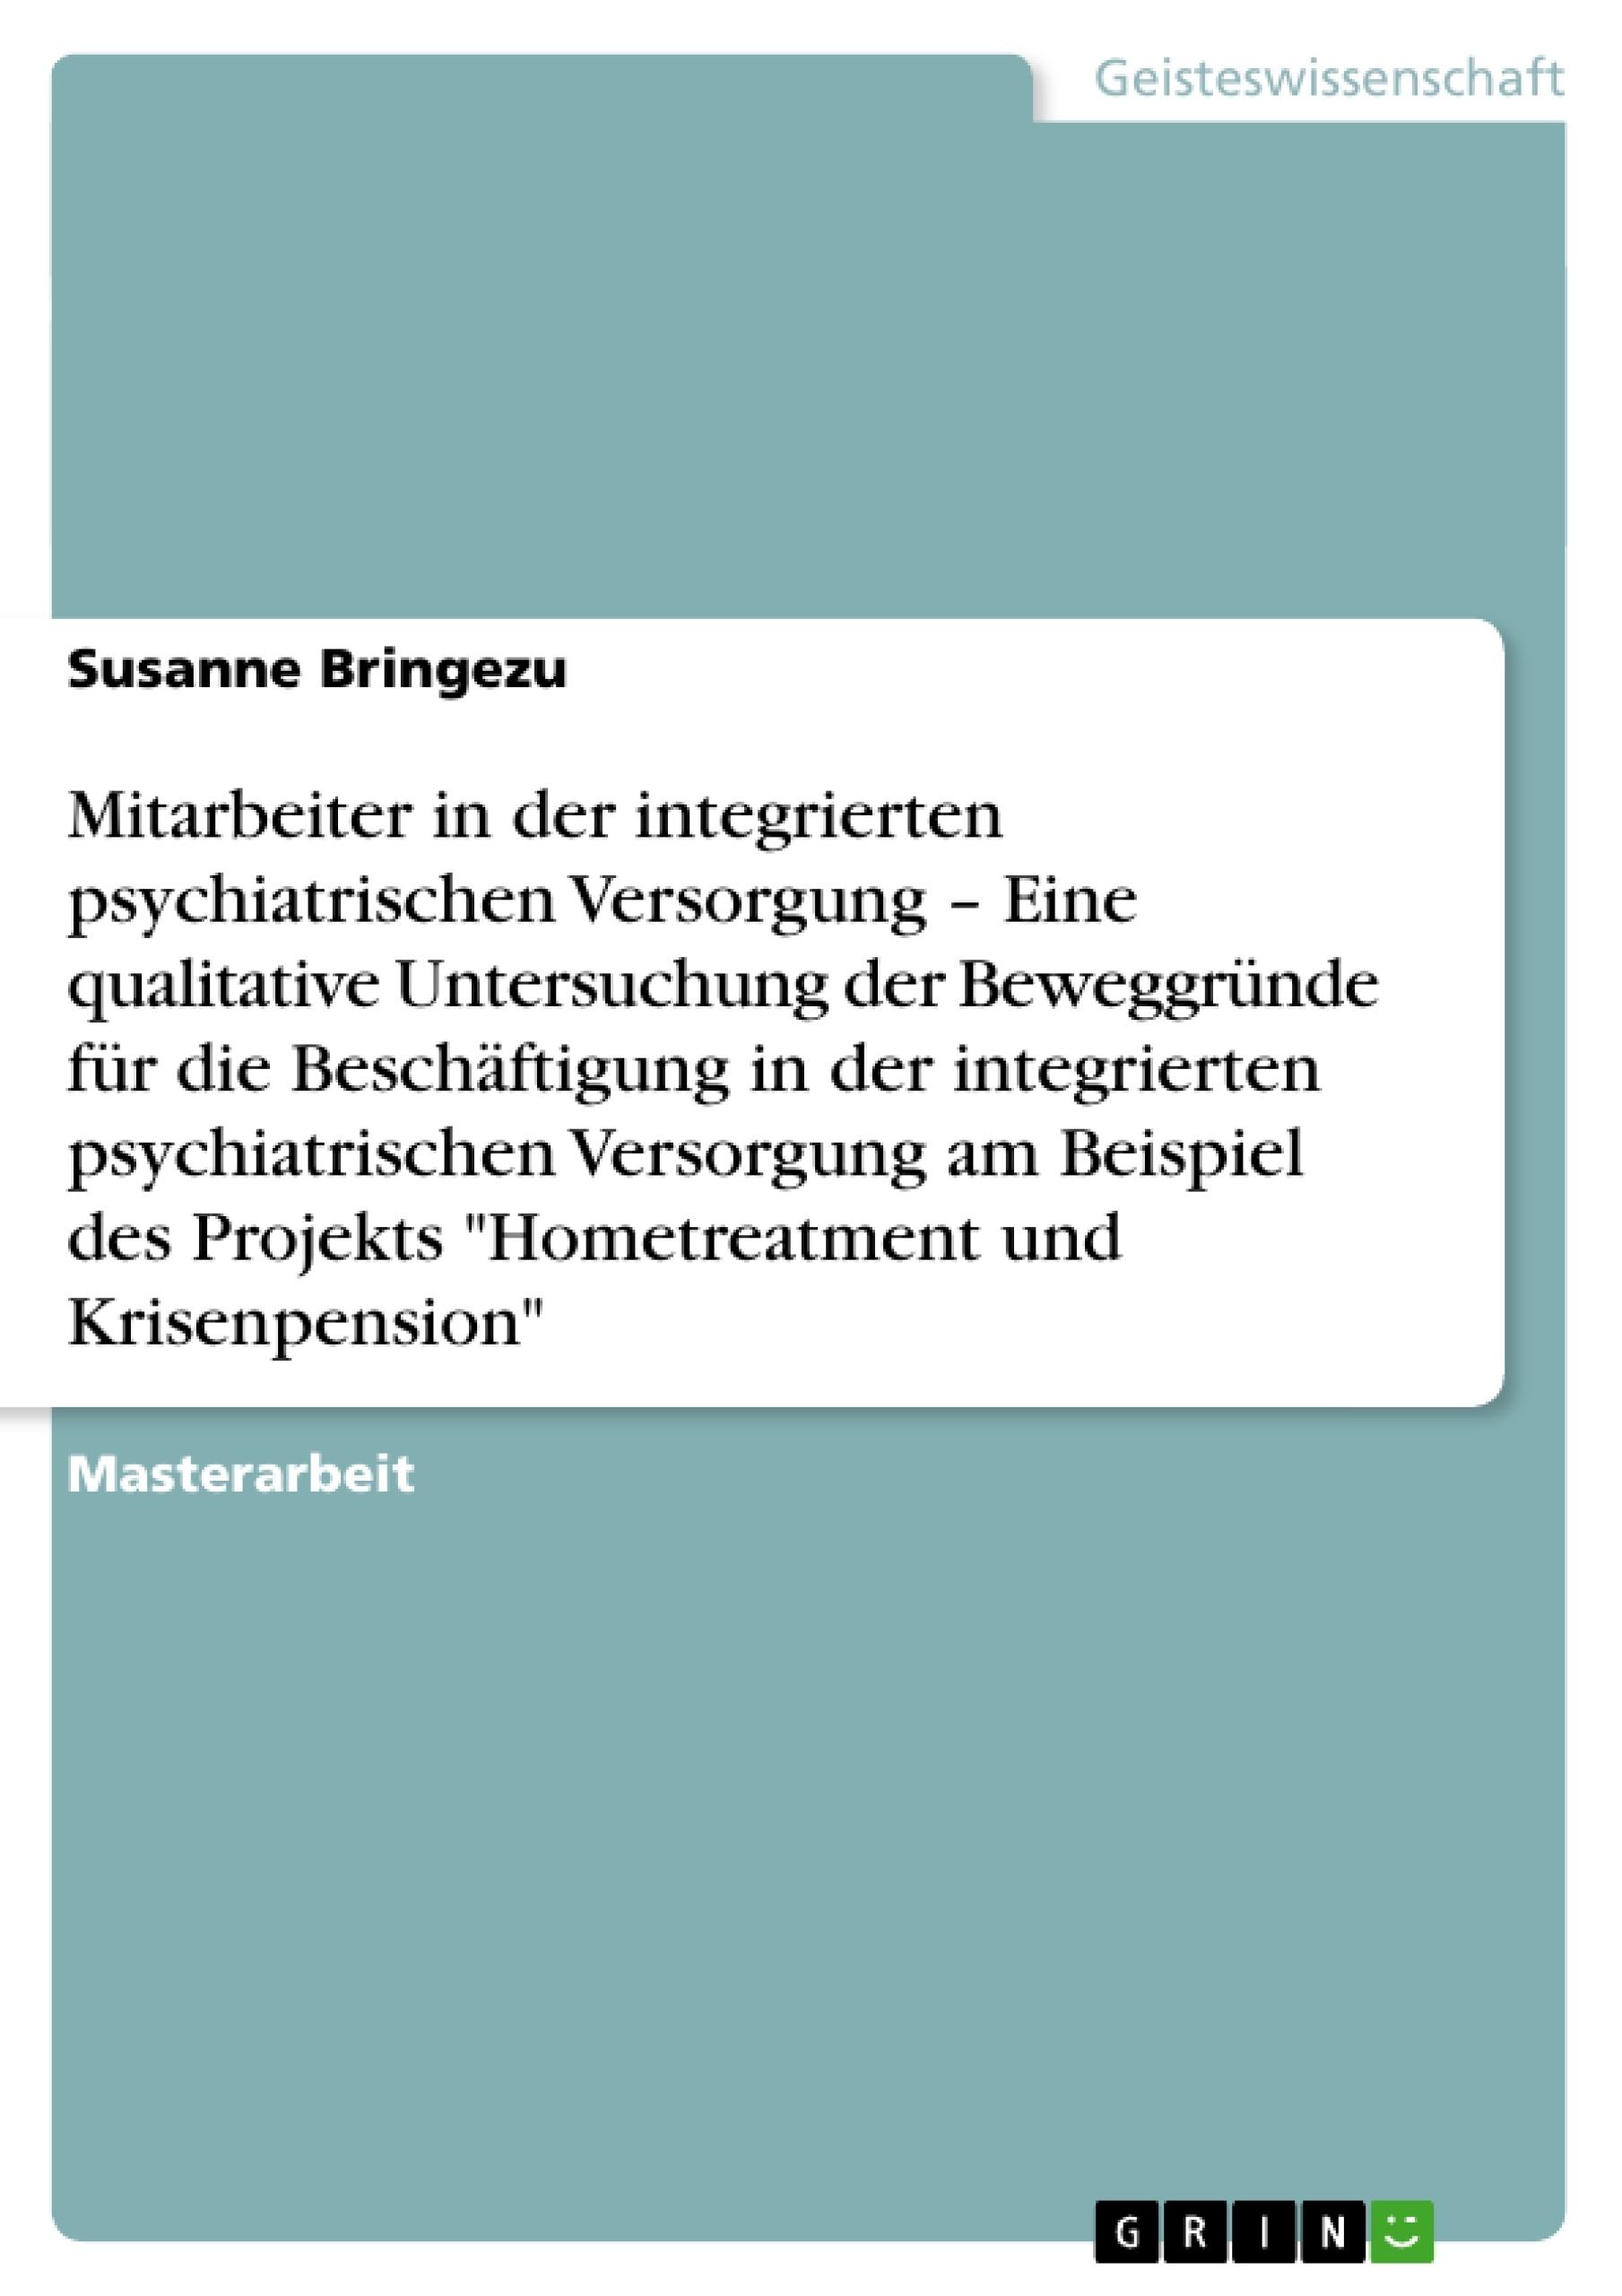 """Titel: Die Motivation hinter der Arbeit in Projekten der integrierten psychiatrischen Versorgung am Beispiel """"Hometreatment und Krisenpension"""""""